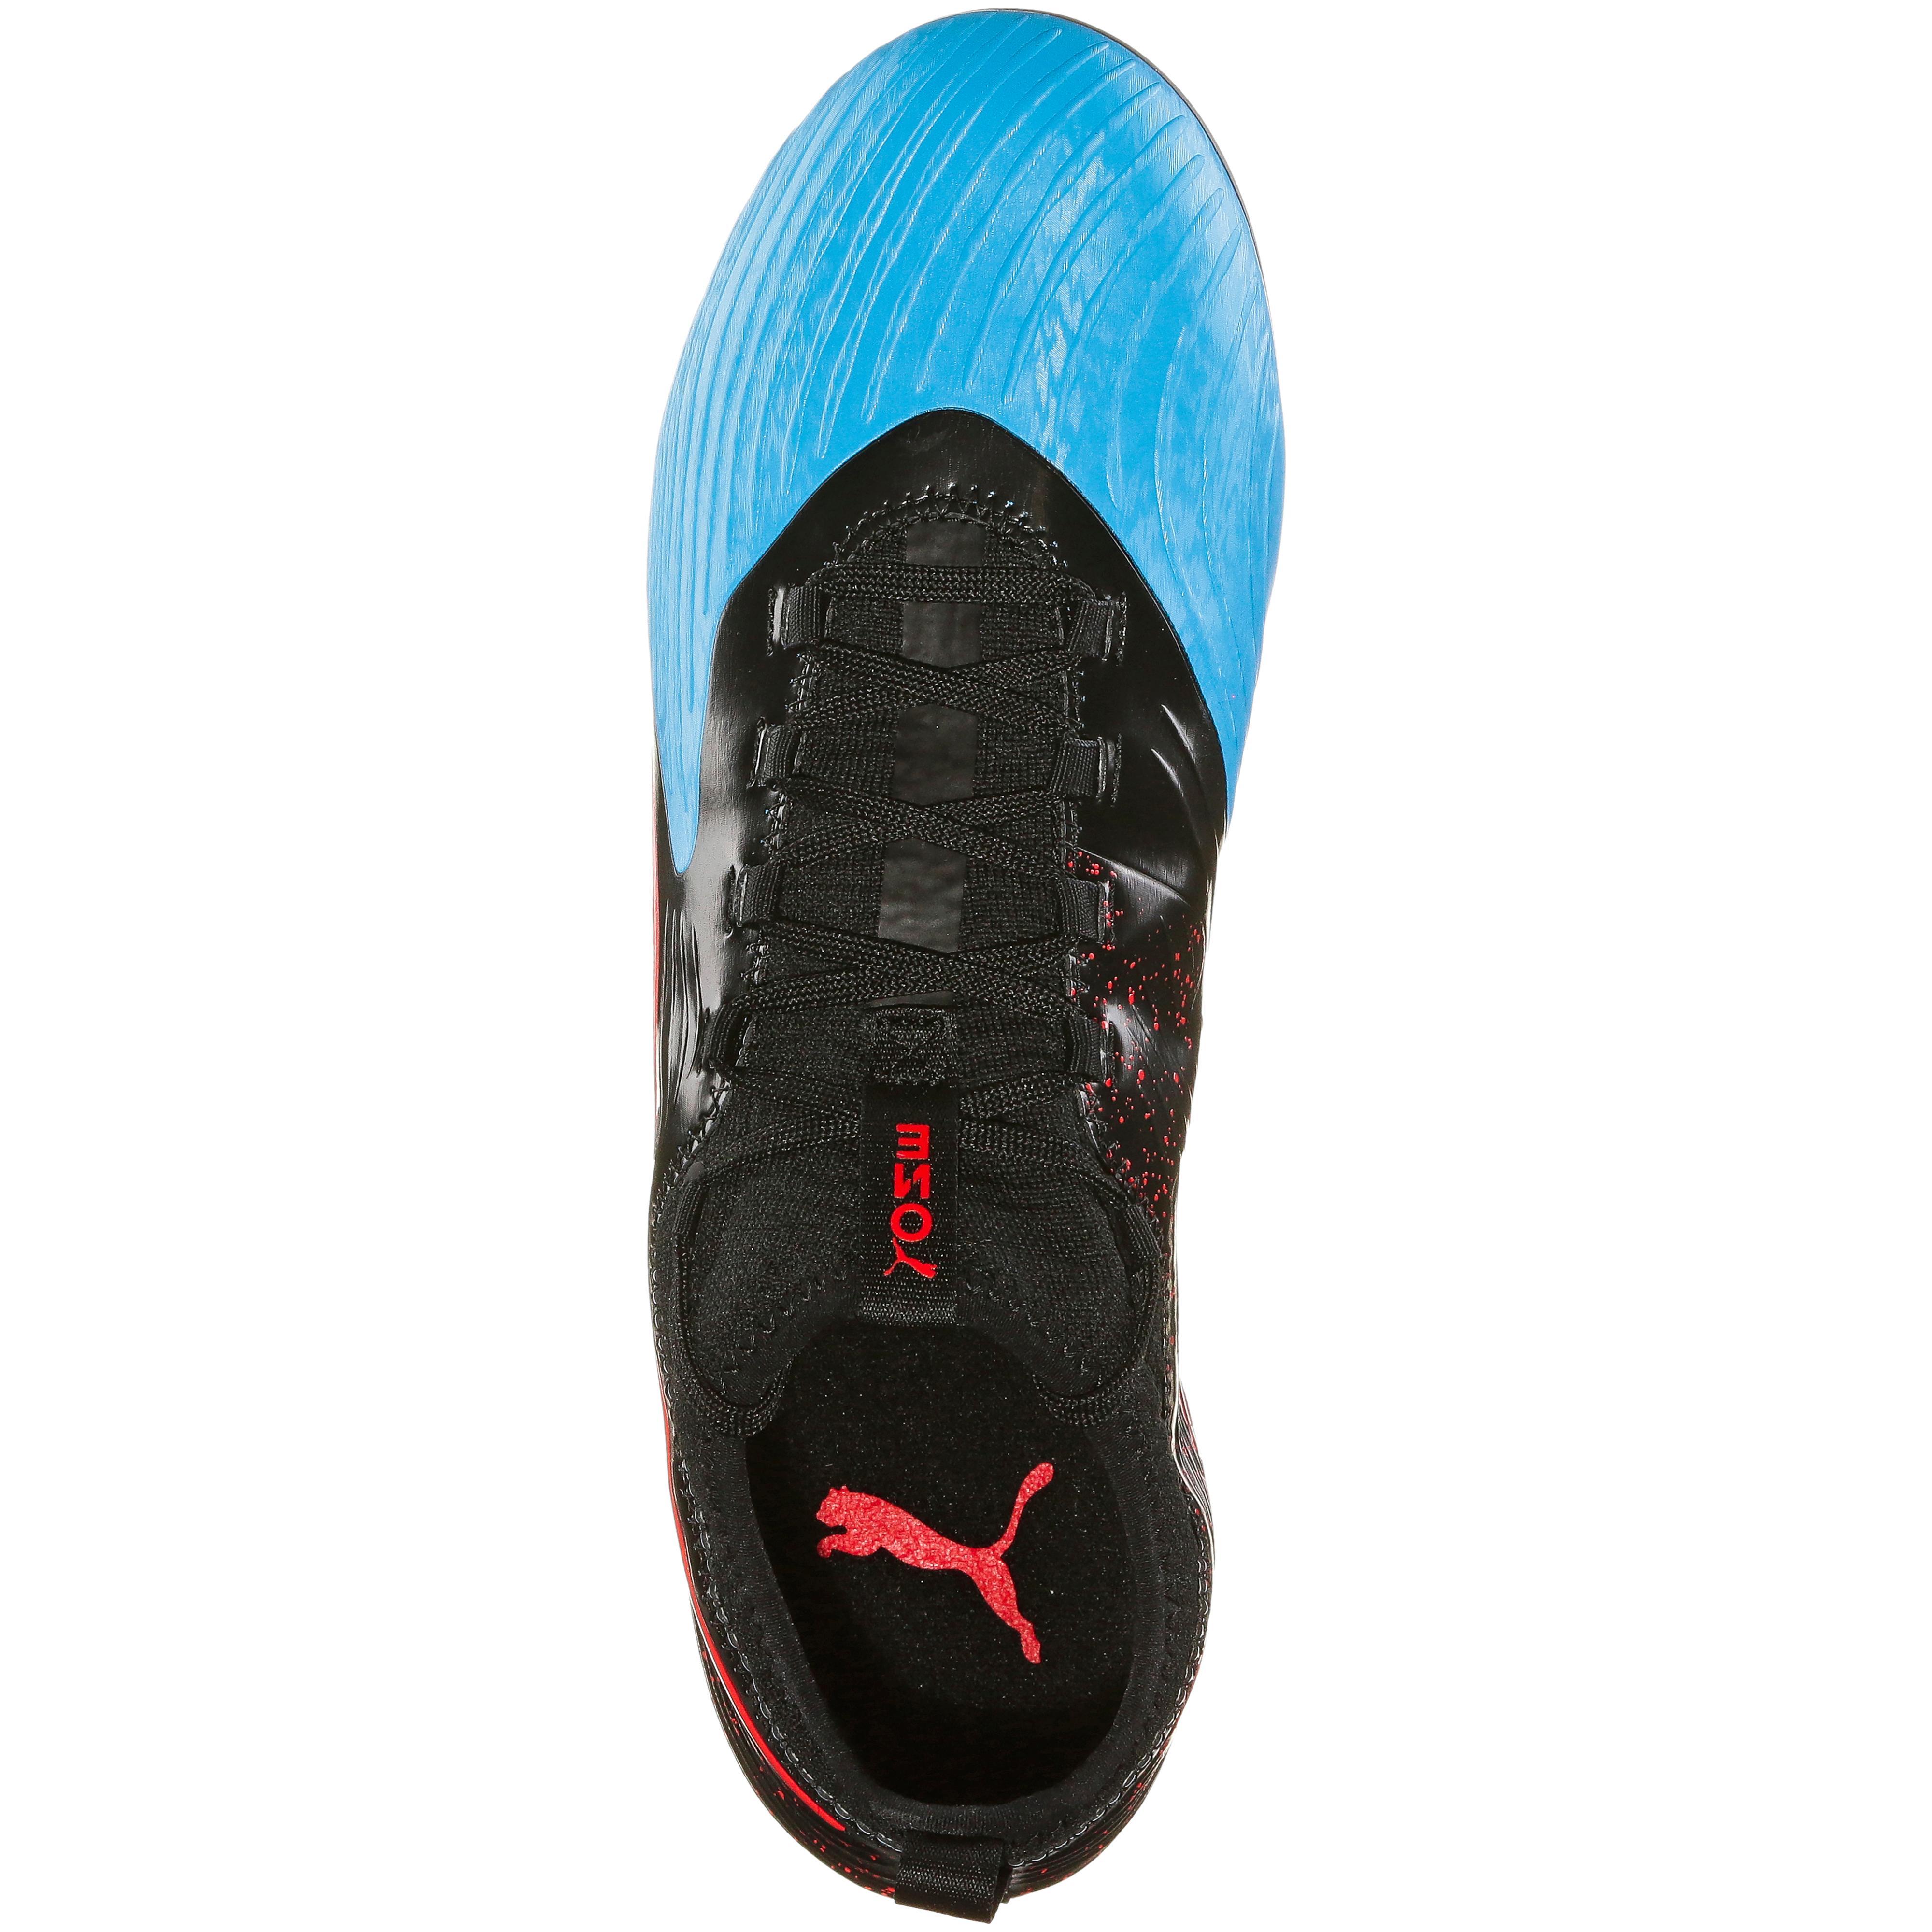 PUMA PUMA ONE 19.3 19.3 19.3 Syn FG AG Fußballschuhe Blau azur-rot blast-puma schwarz im Online Shop von SportScheck kaufen Gute Qualität beliebte Schuhe 25b504